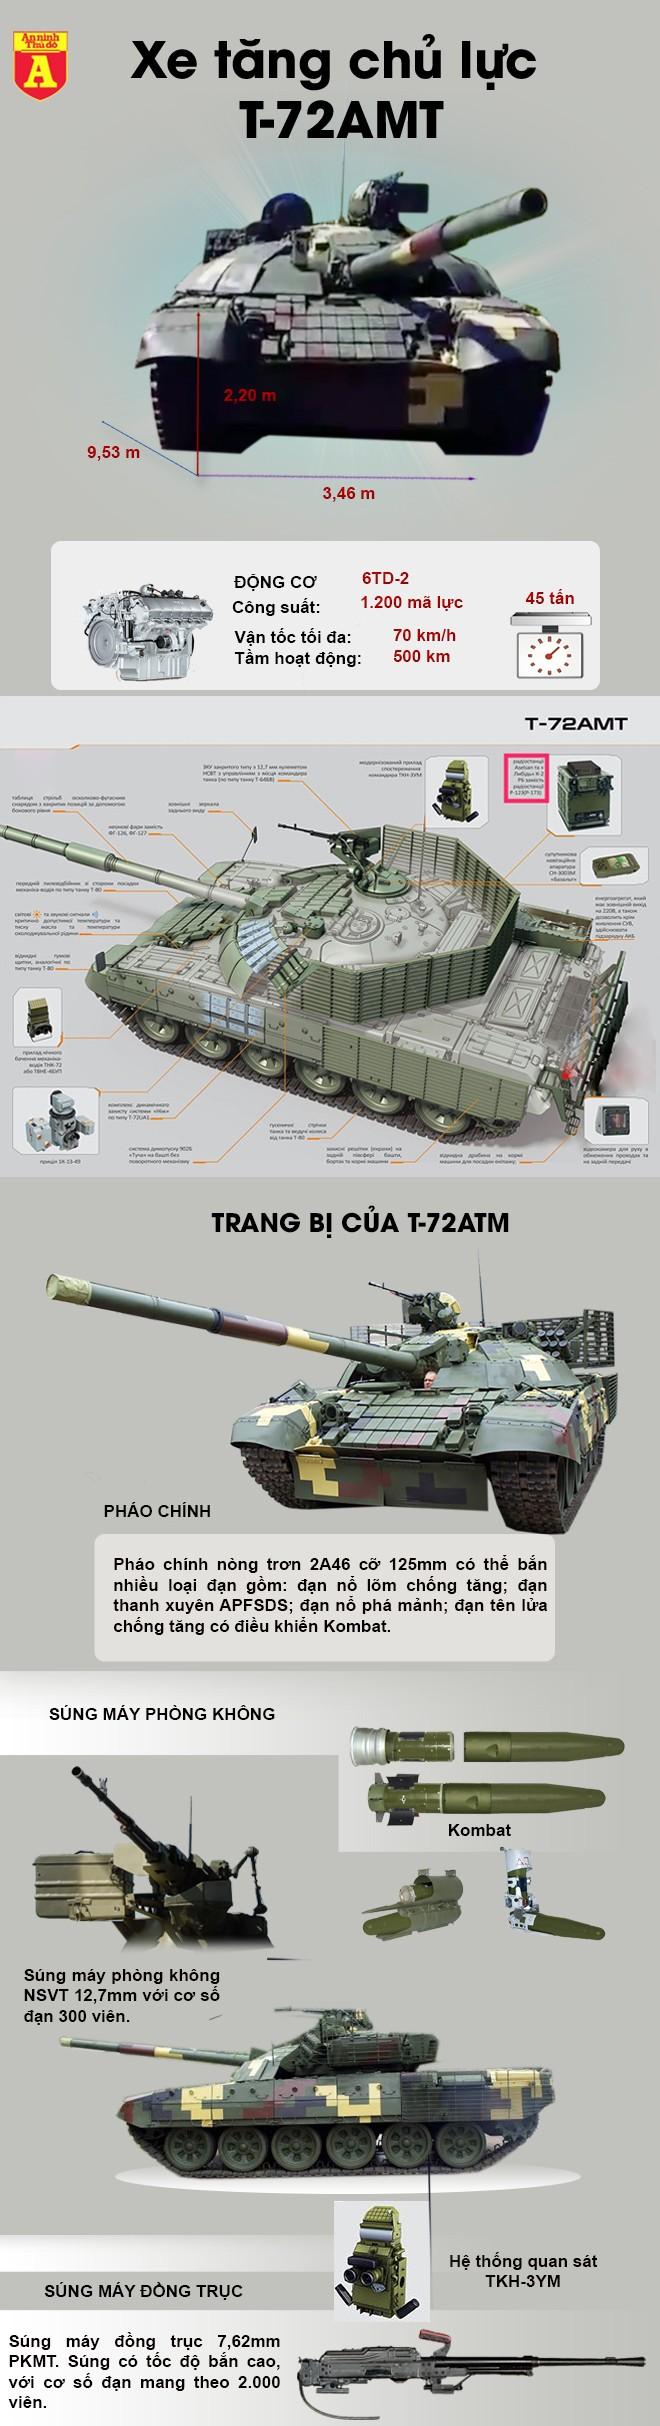 [ĐỒ HỌA] Xe tăng T-72AMT Ukraine sẽ hất cẳng T-72B3 Nga? ảnh 2